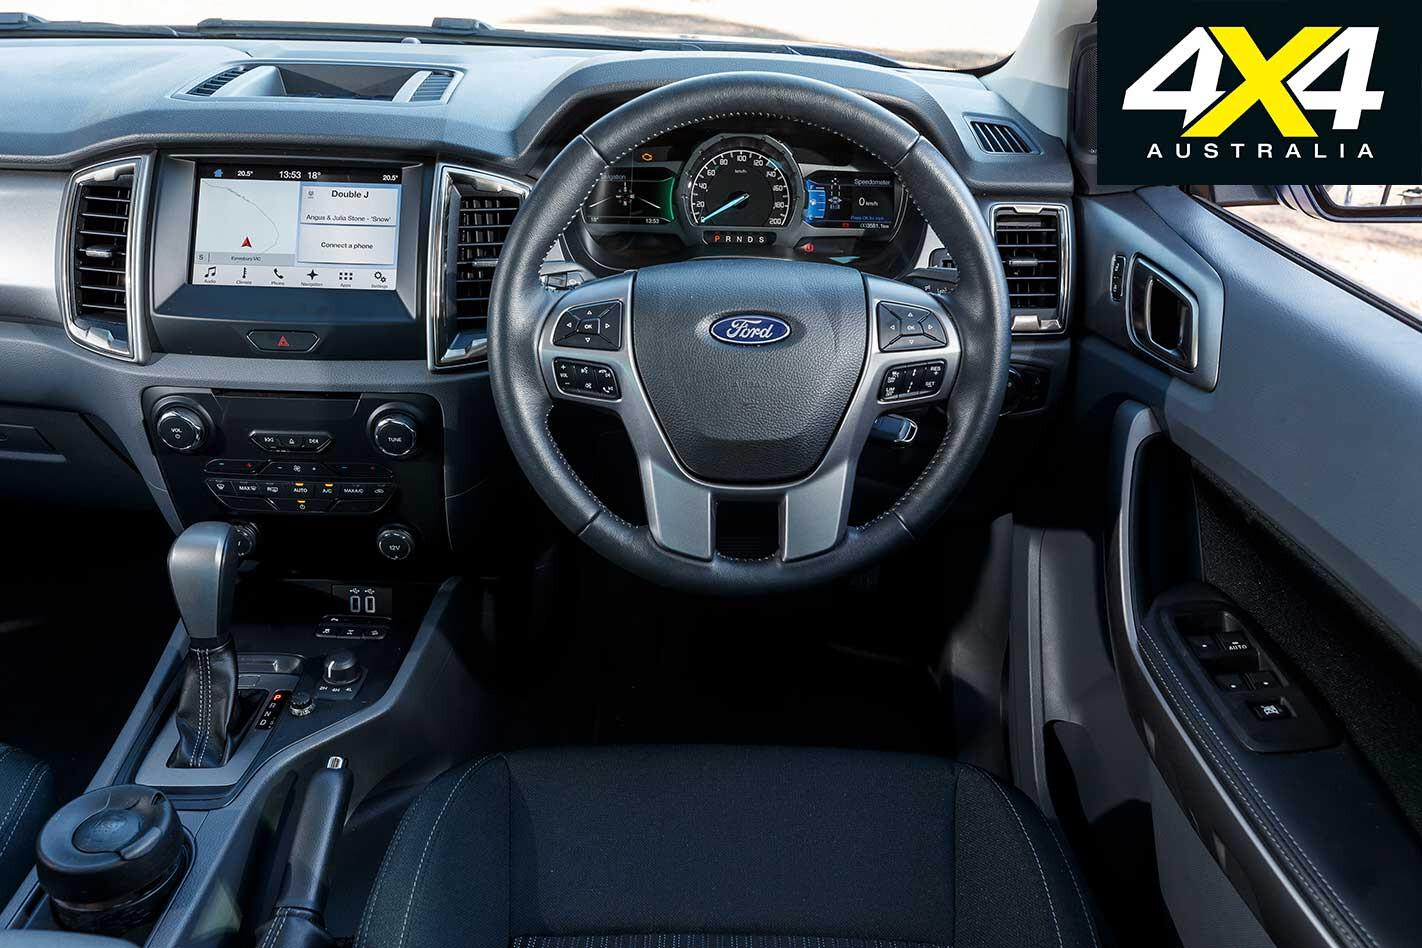 2018 Mega Ute Test Ford Ranger Xlt Dashboard Jpg